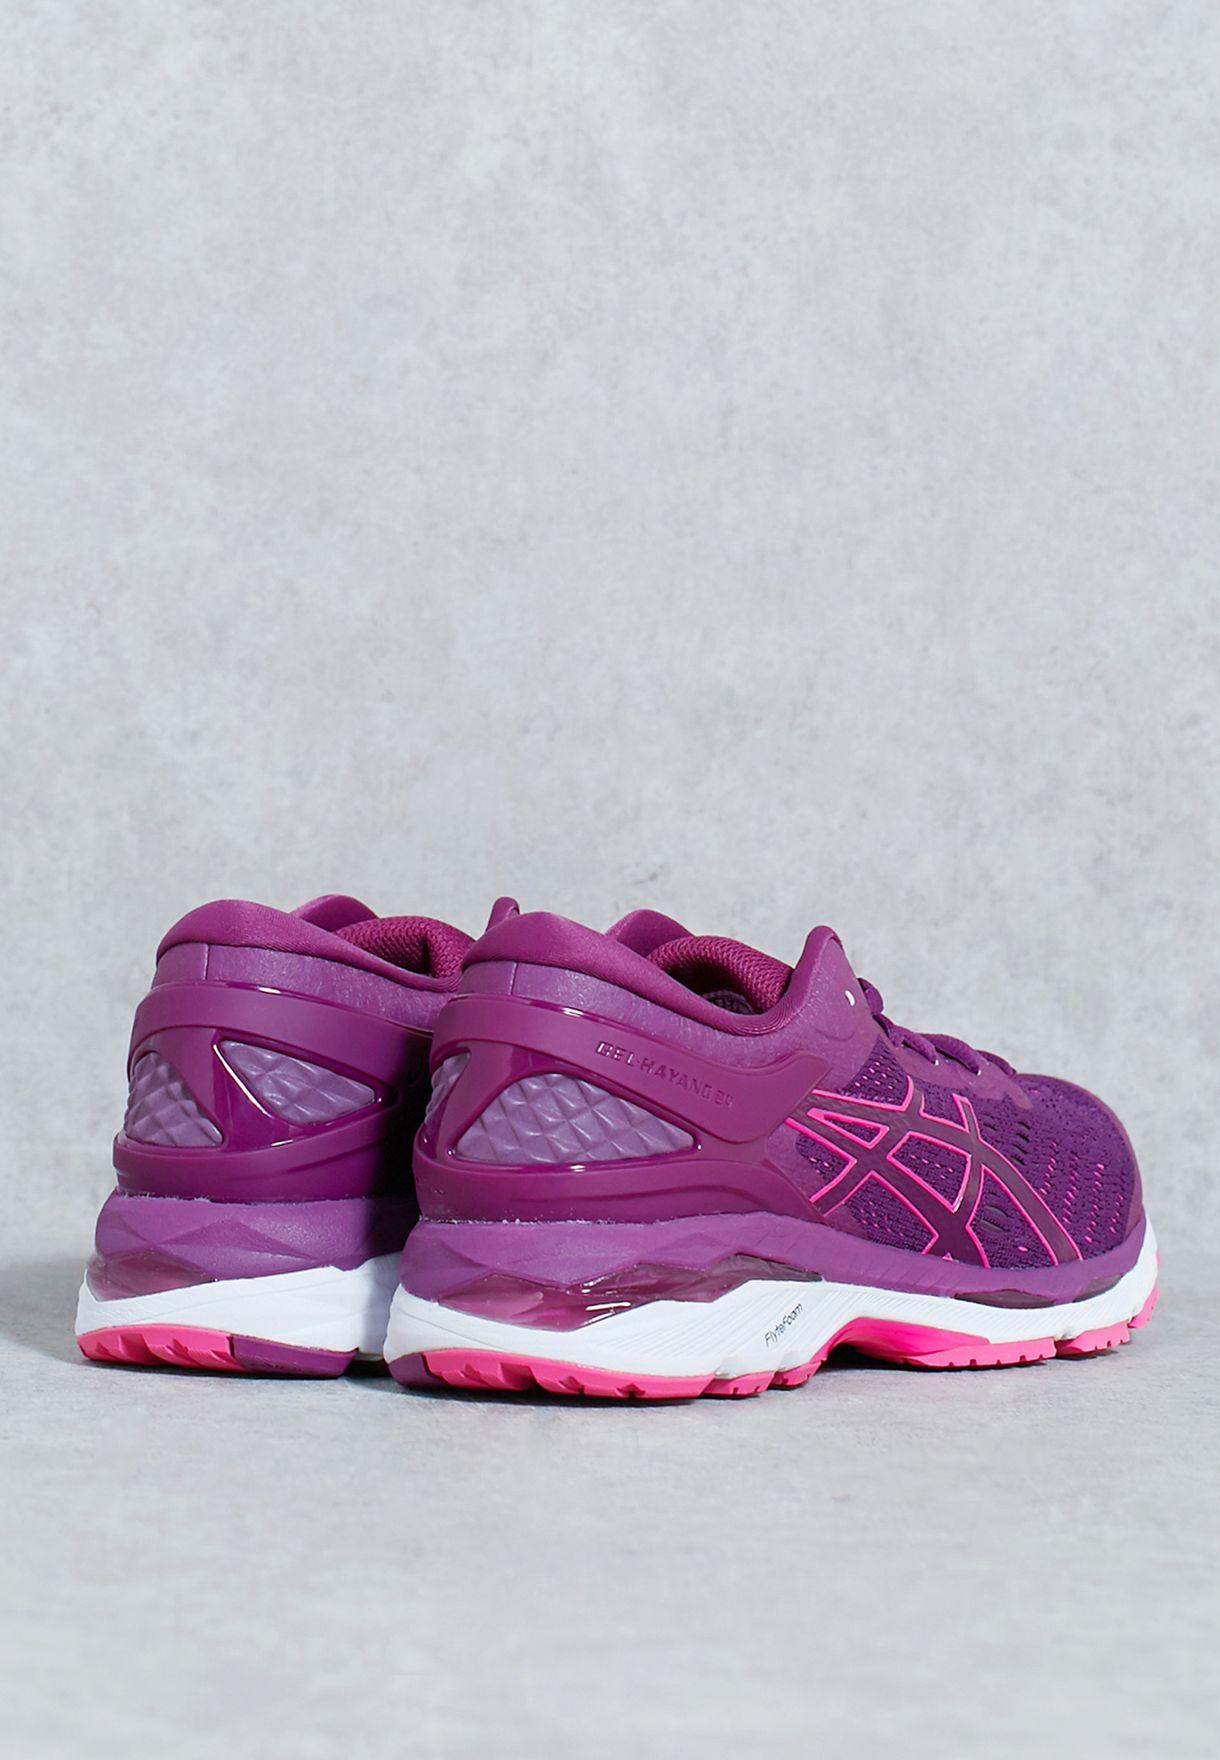 Shop Asics Purple Gel Kayano 24 T799n 3320 For Women In